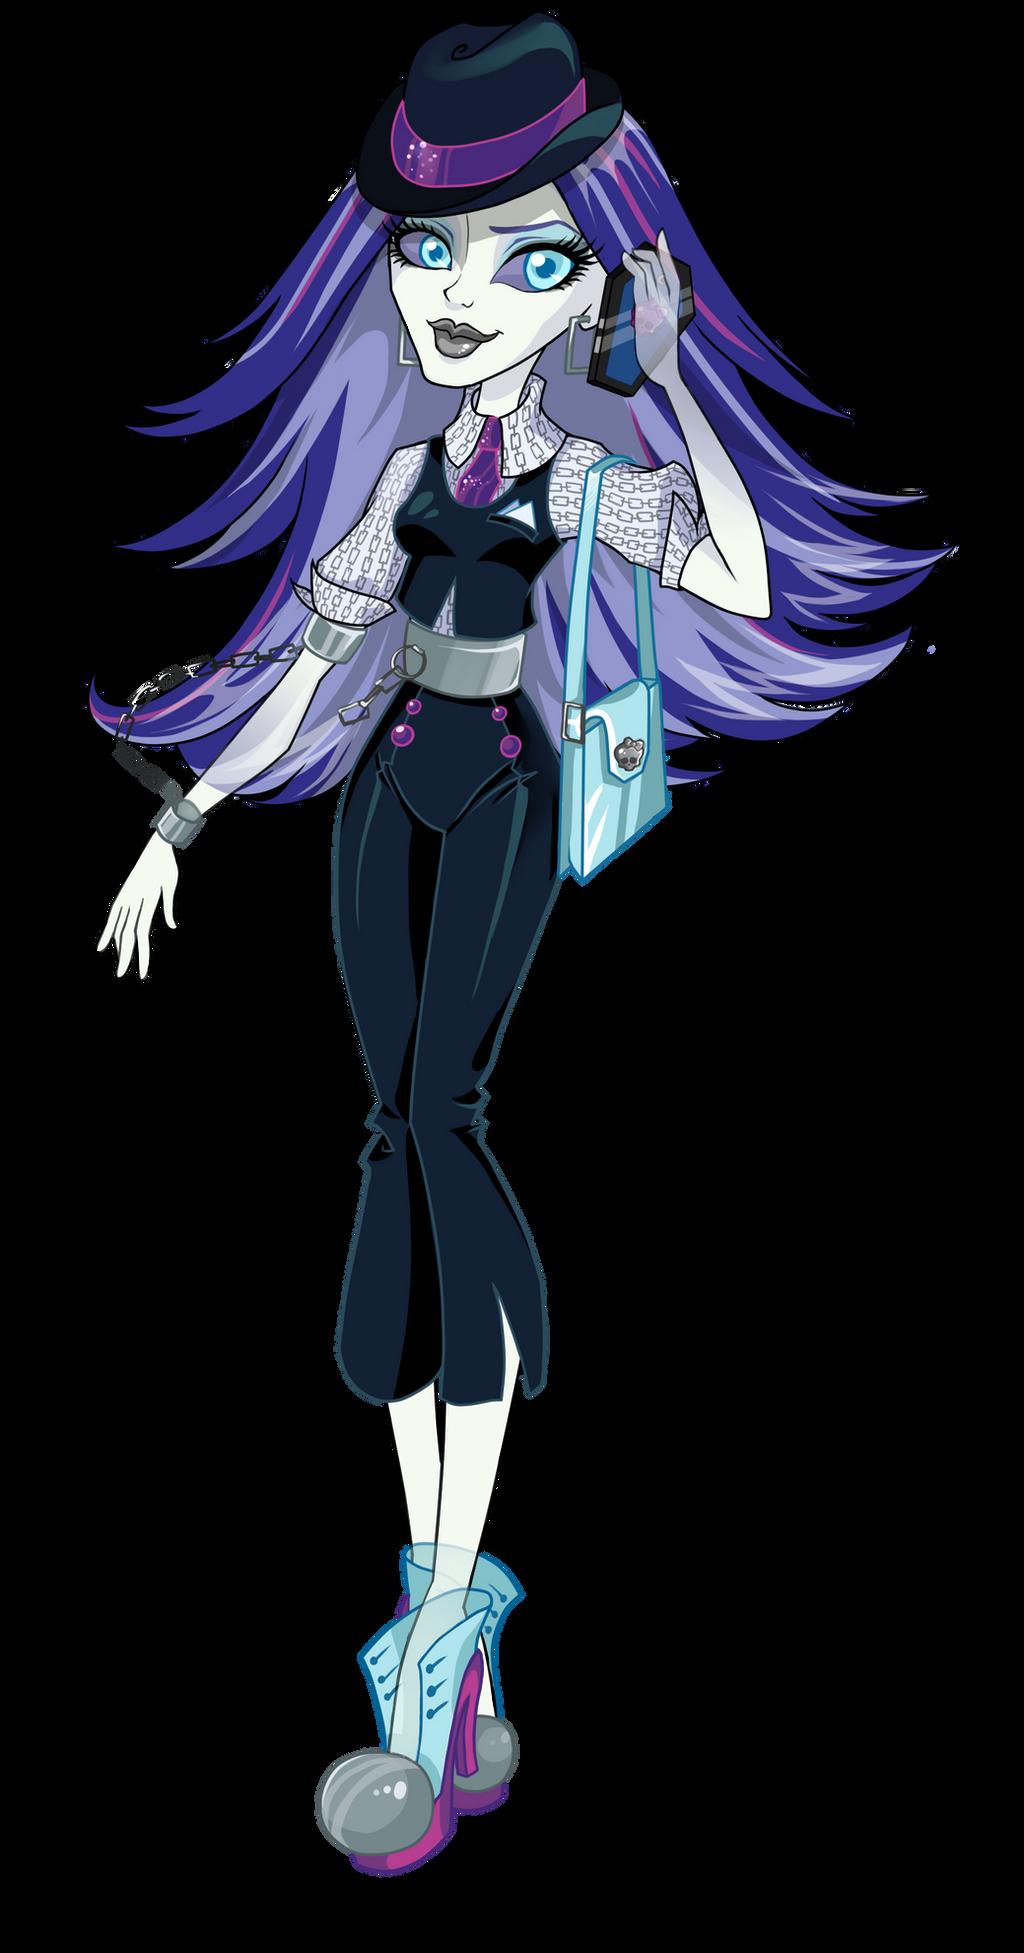 Uncategorized Spectra From Monster High mafia high spectra vondergeist by uruseline on deviantart uruseline